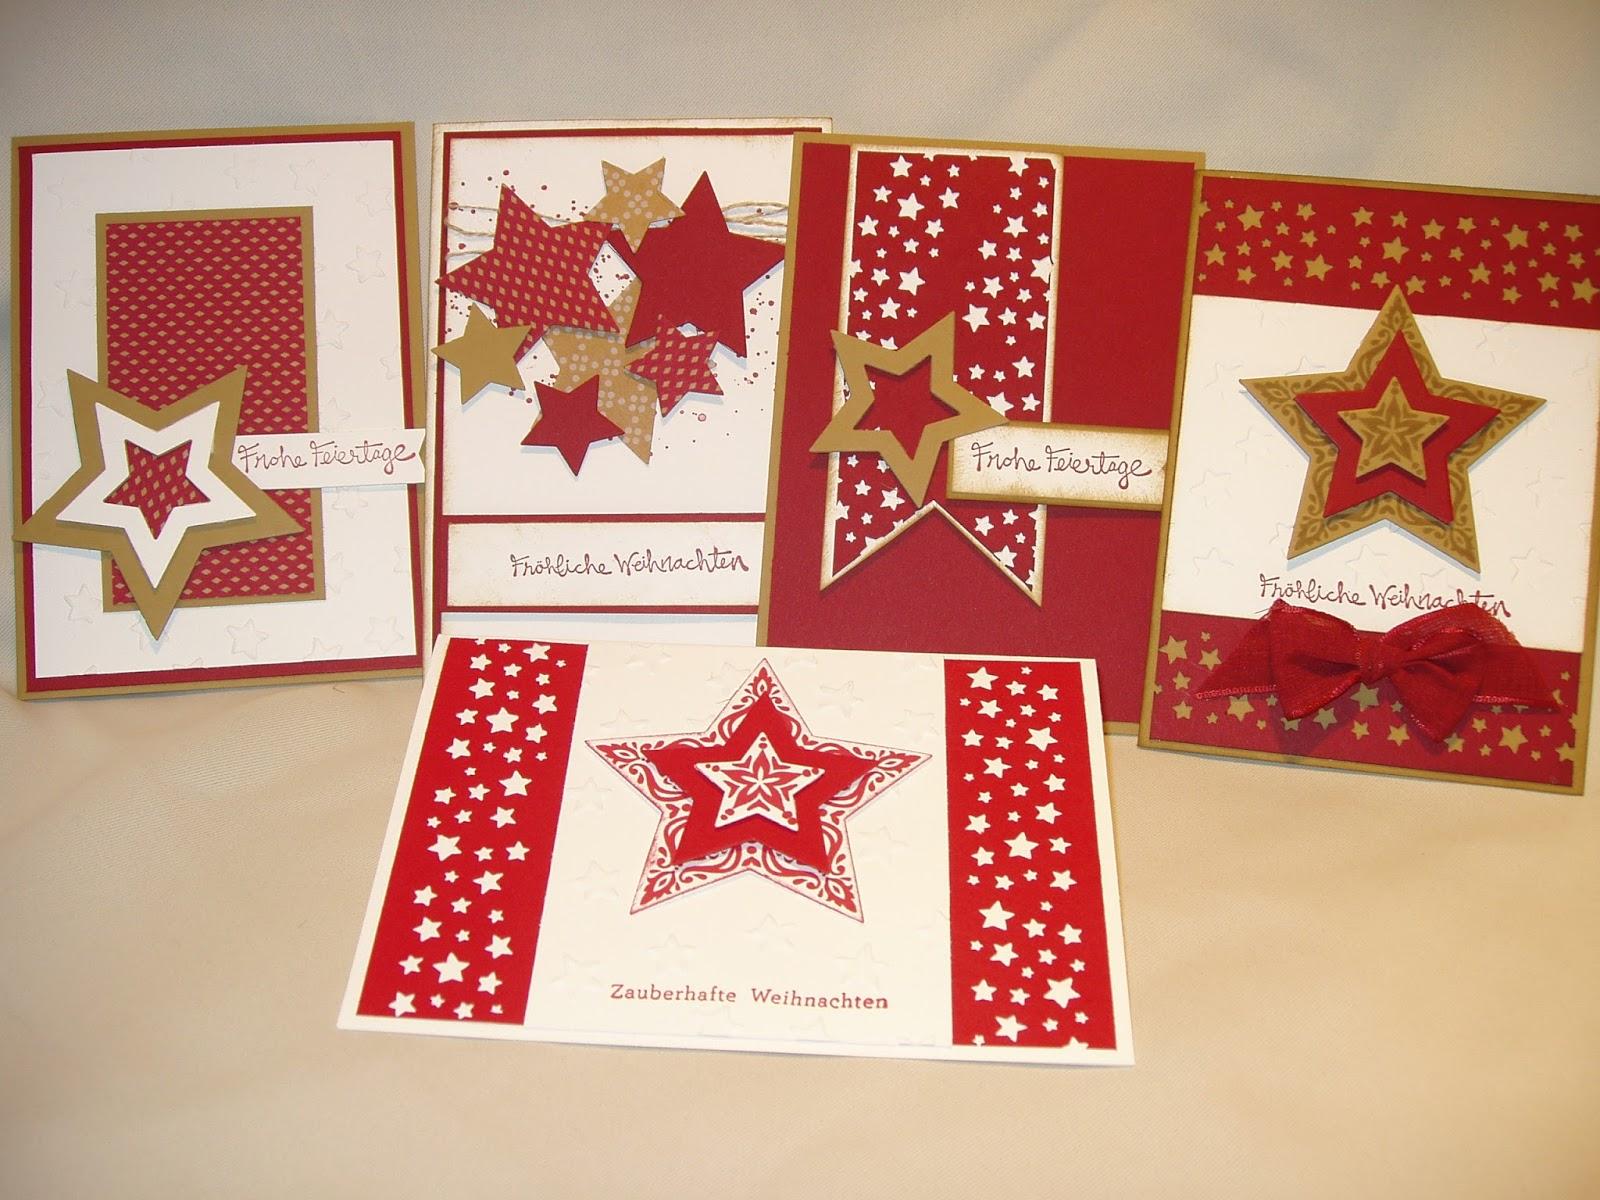 ulli 39 s stempeloase gespendete stampin up weihnachtskarten f r einen guten zweck. Black Bedroom Furniture Sets. Home Design Ideas